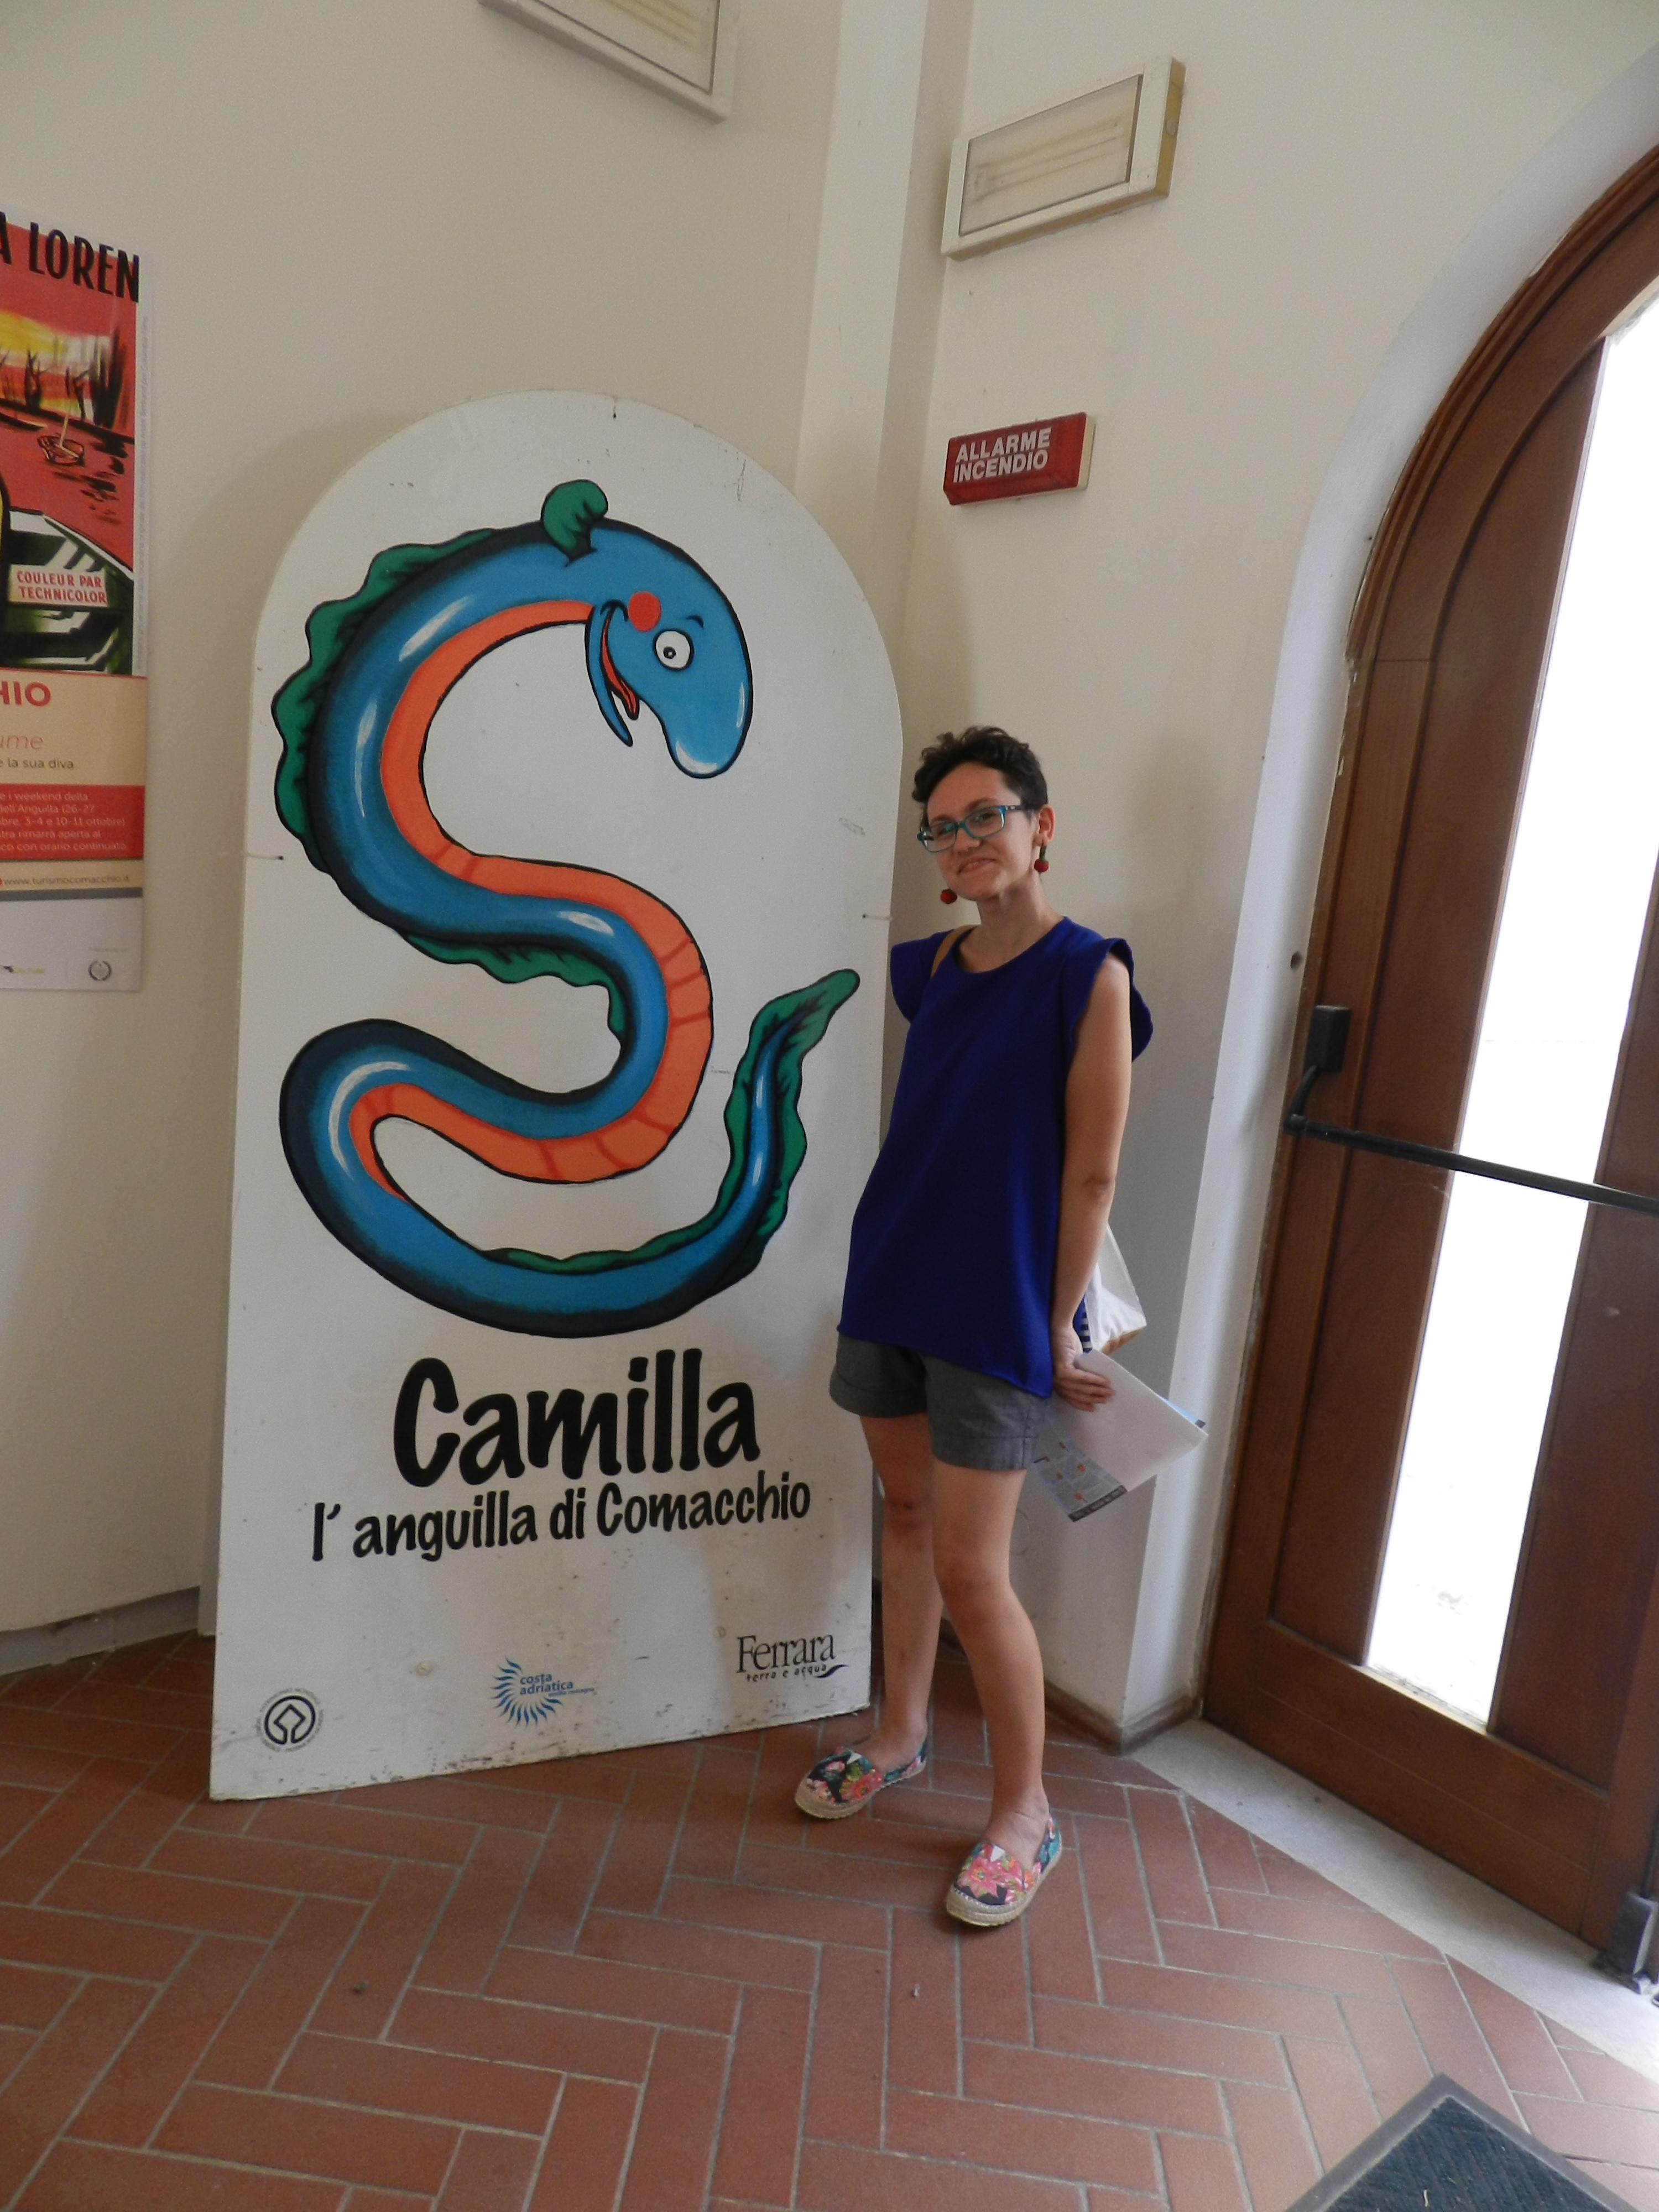 Camilla: l'Anguilla di Comacchio!